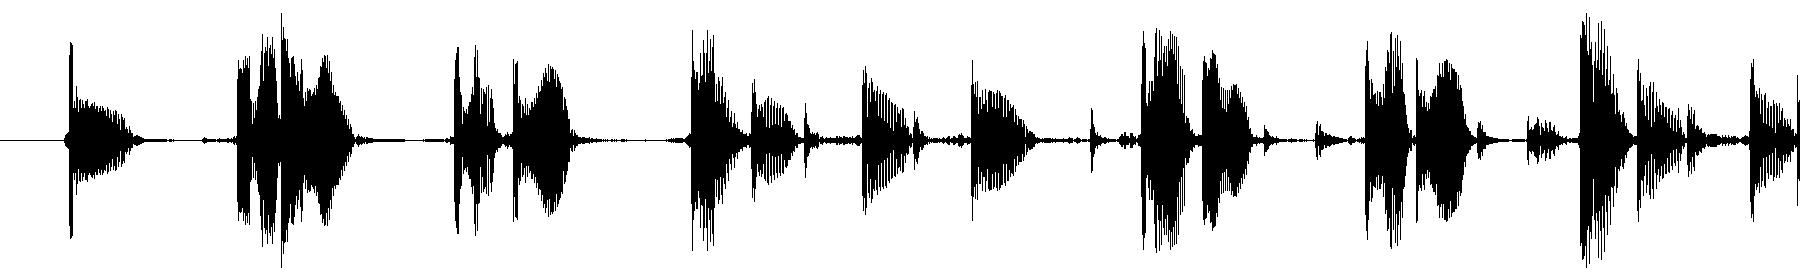 guitarfunk12 120